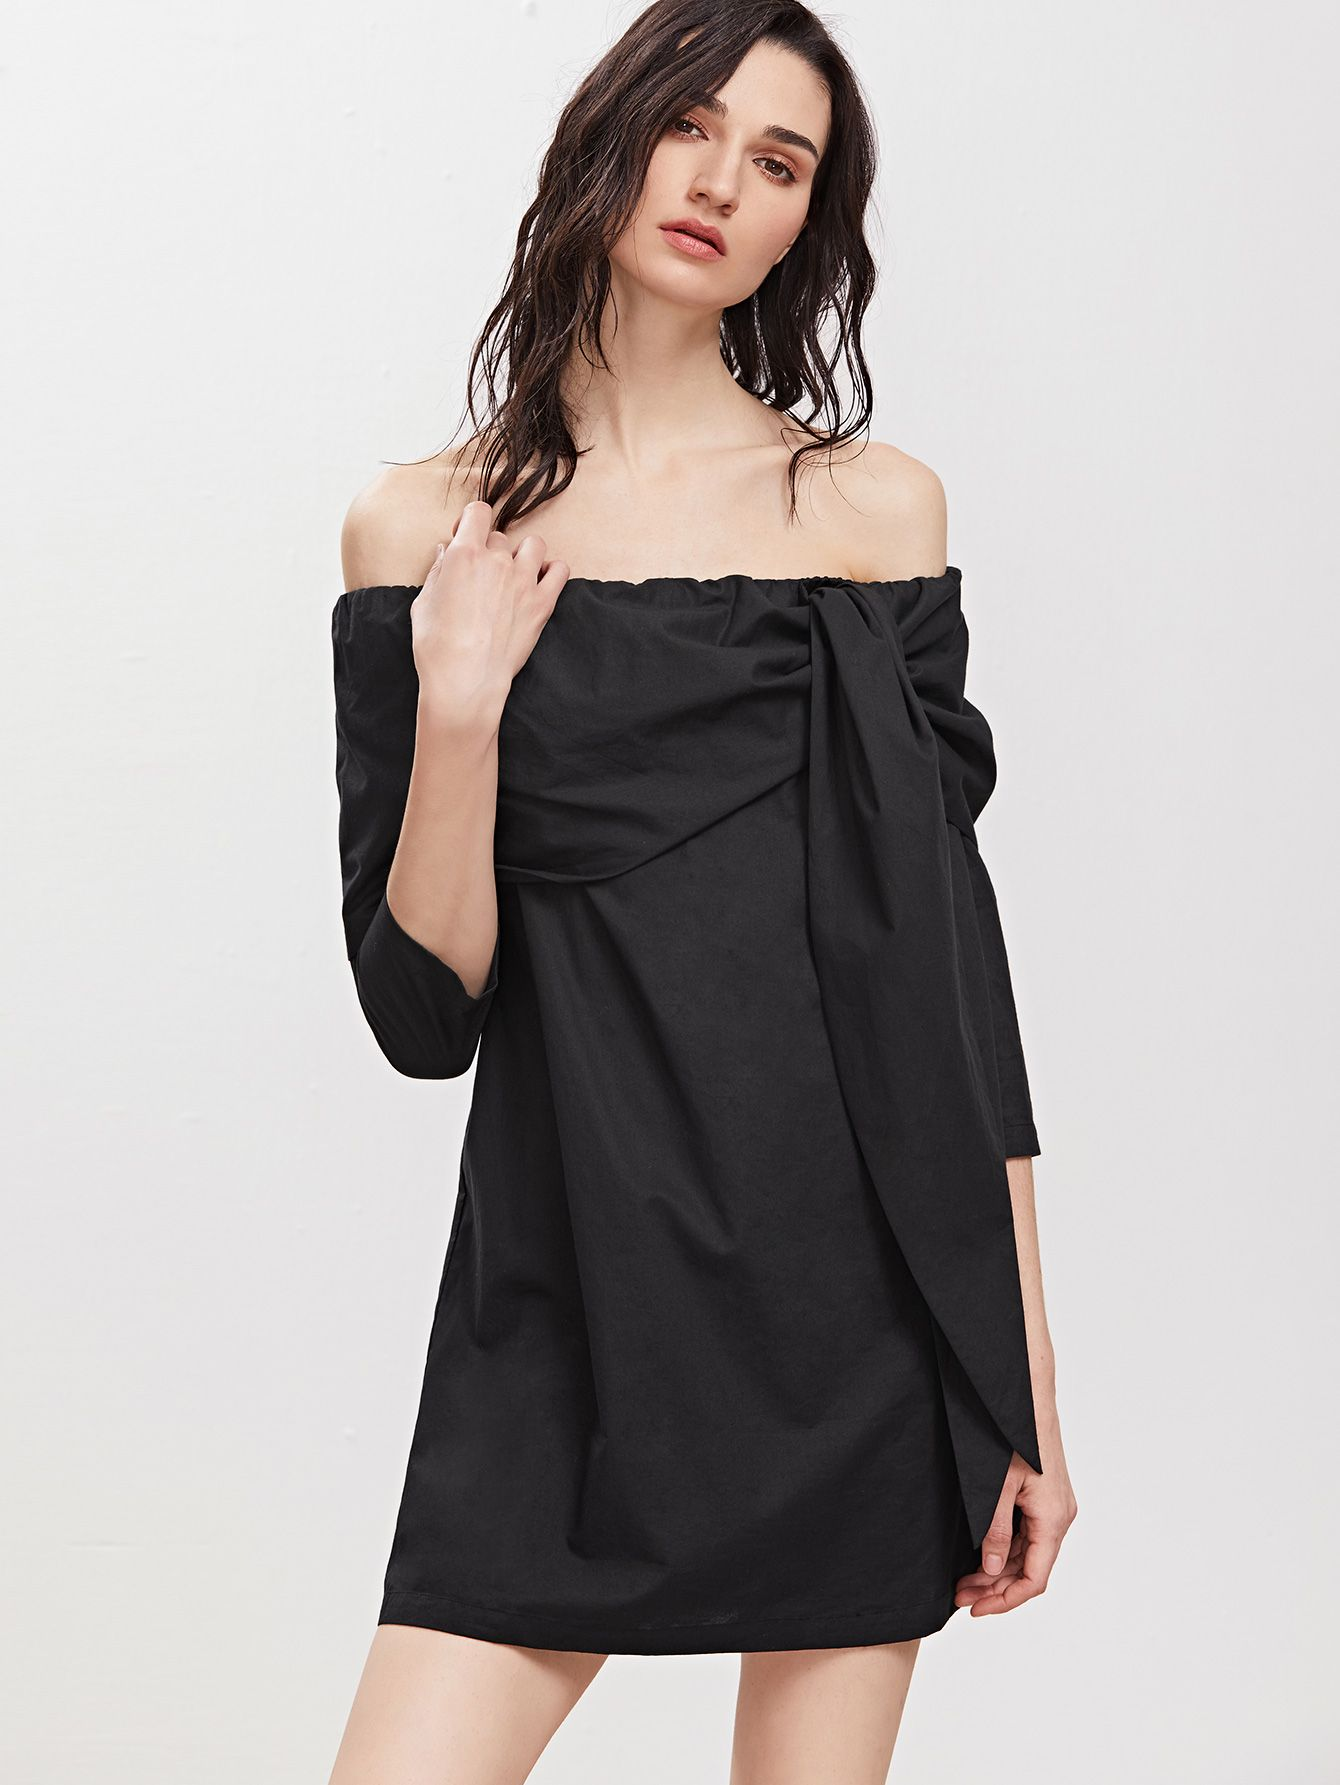 e9ef682cbde Shop Black Foldover Tied Off The Shoulder Dress online. SheIn offers Black  Foldover Tied Off The Shoulder Dress   more to fit your fashionable needs.